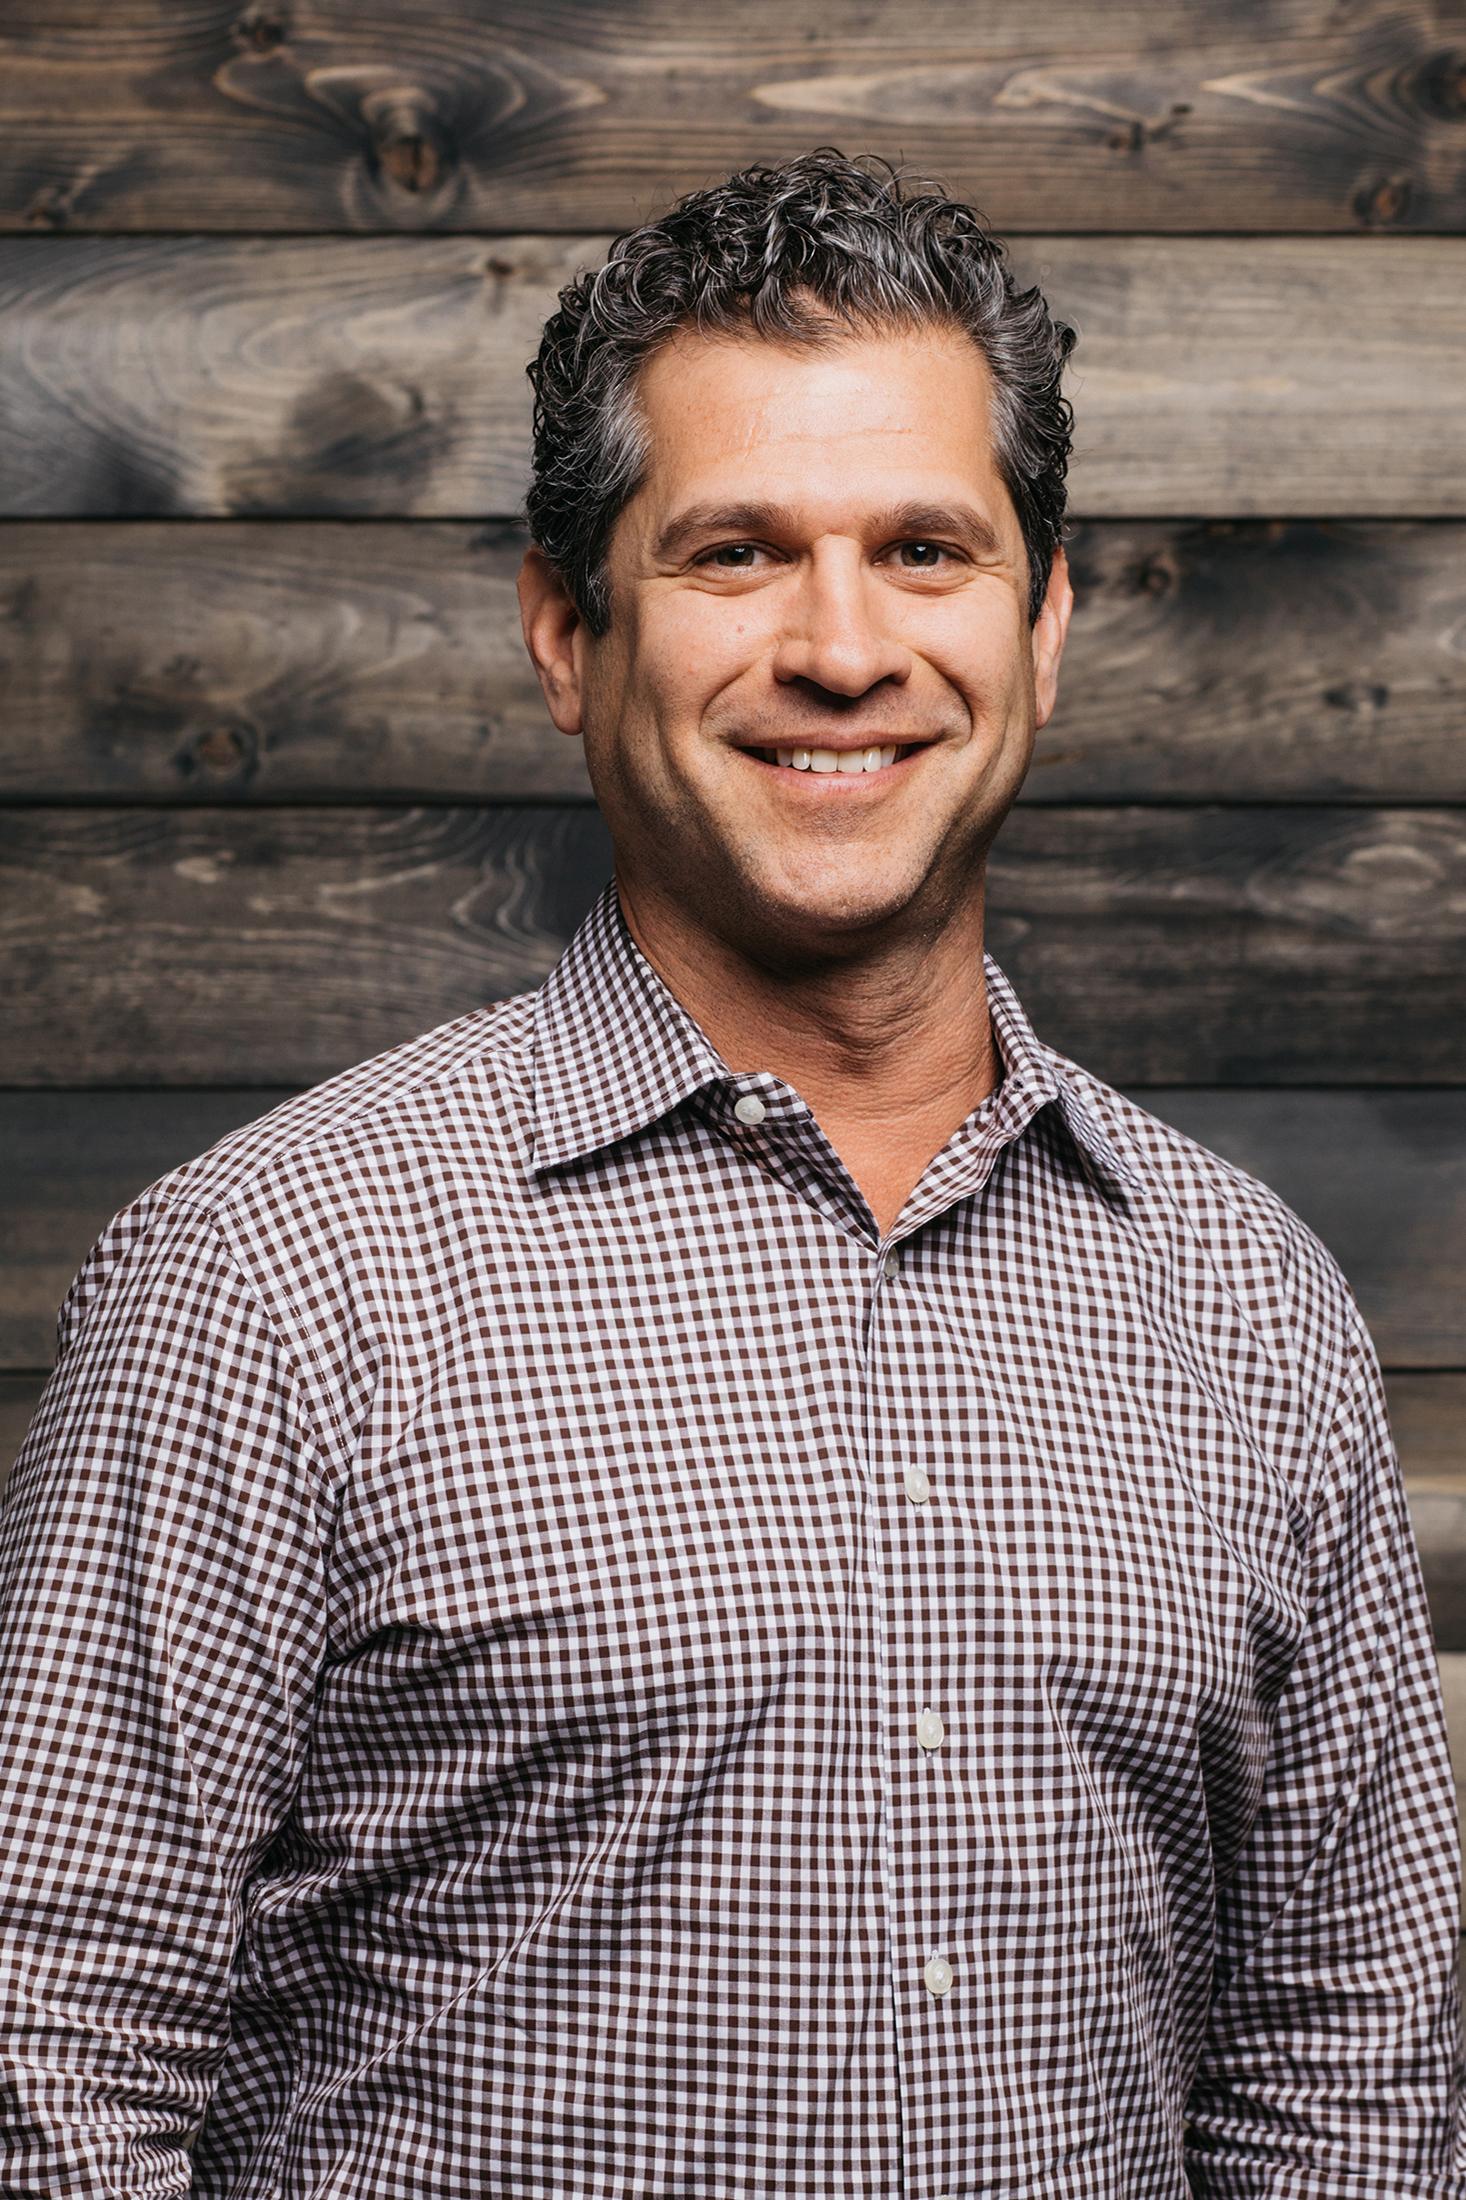 Andy Eckert